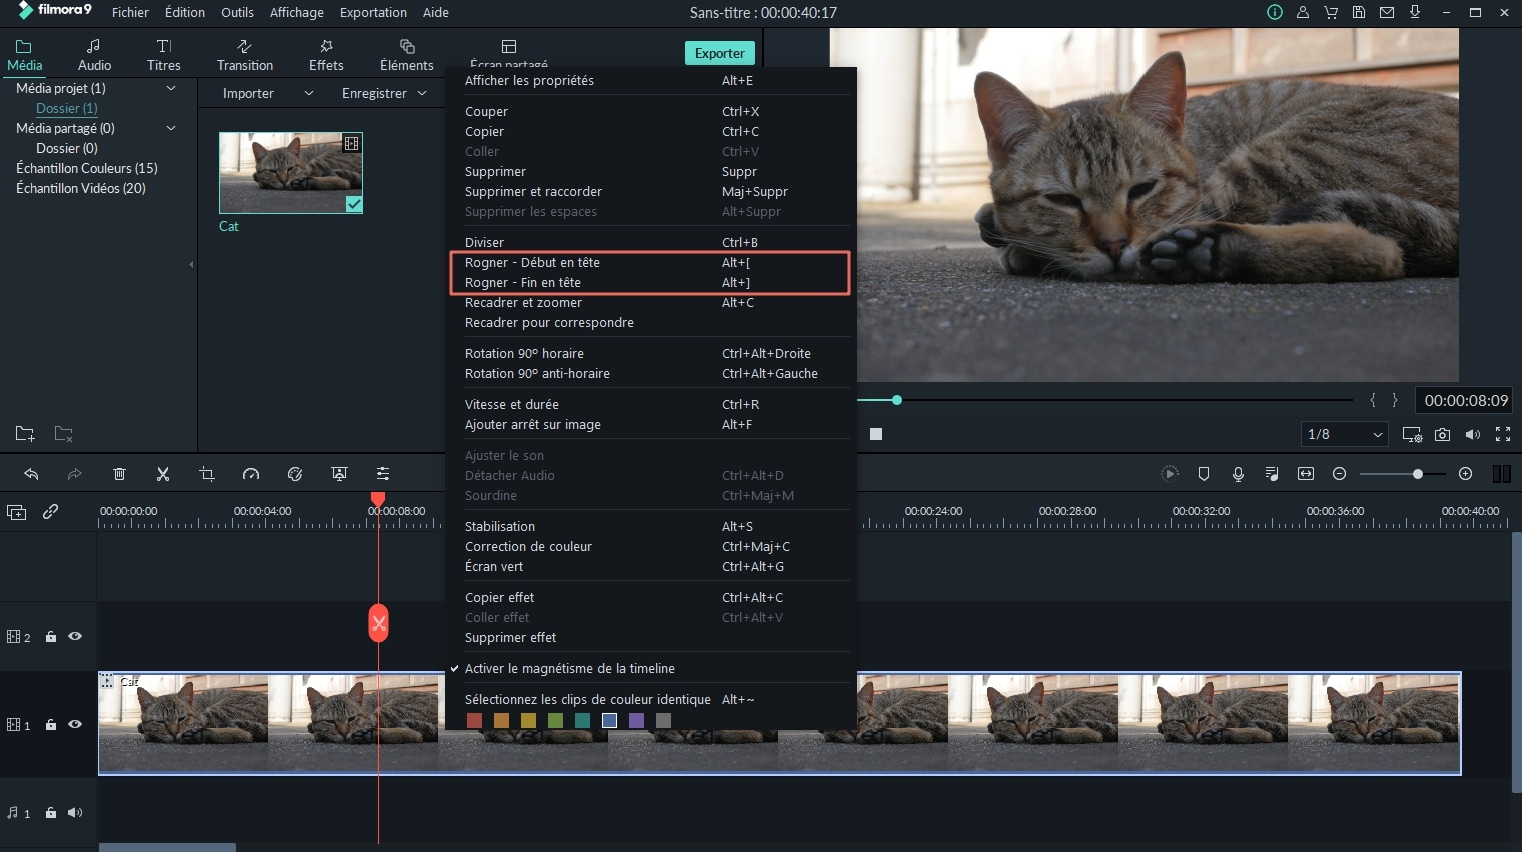 logiciel de montage vidéo 64 bits gratuit